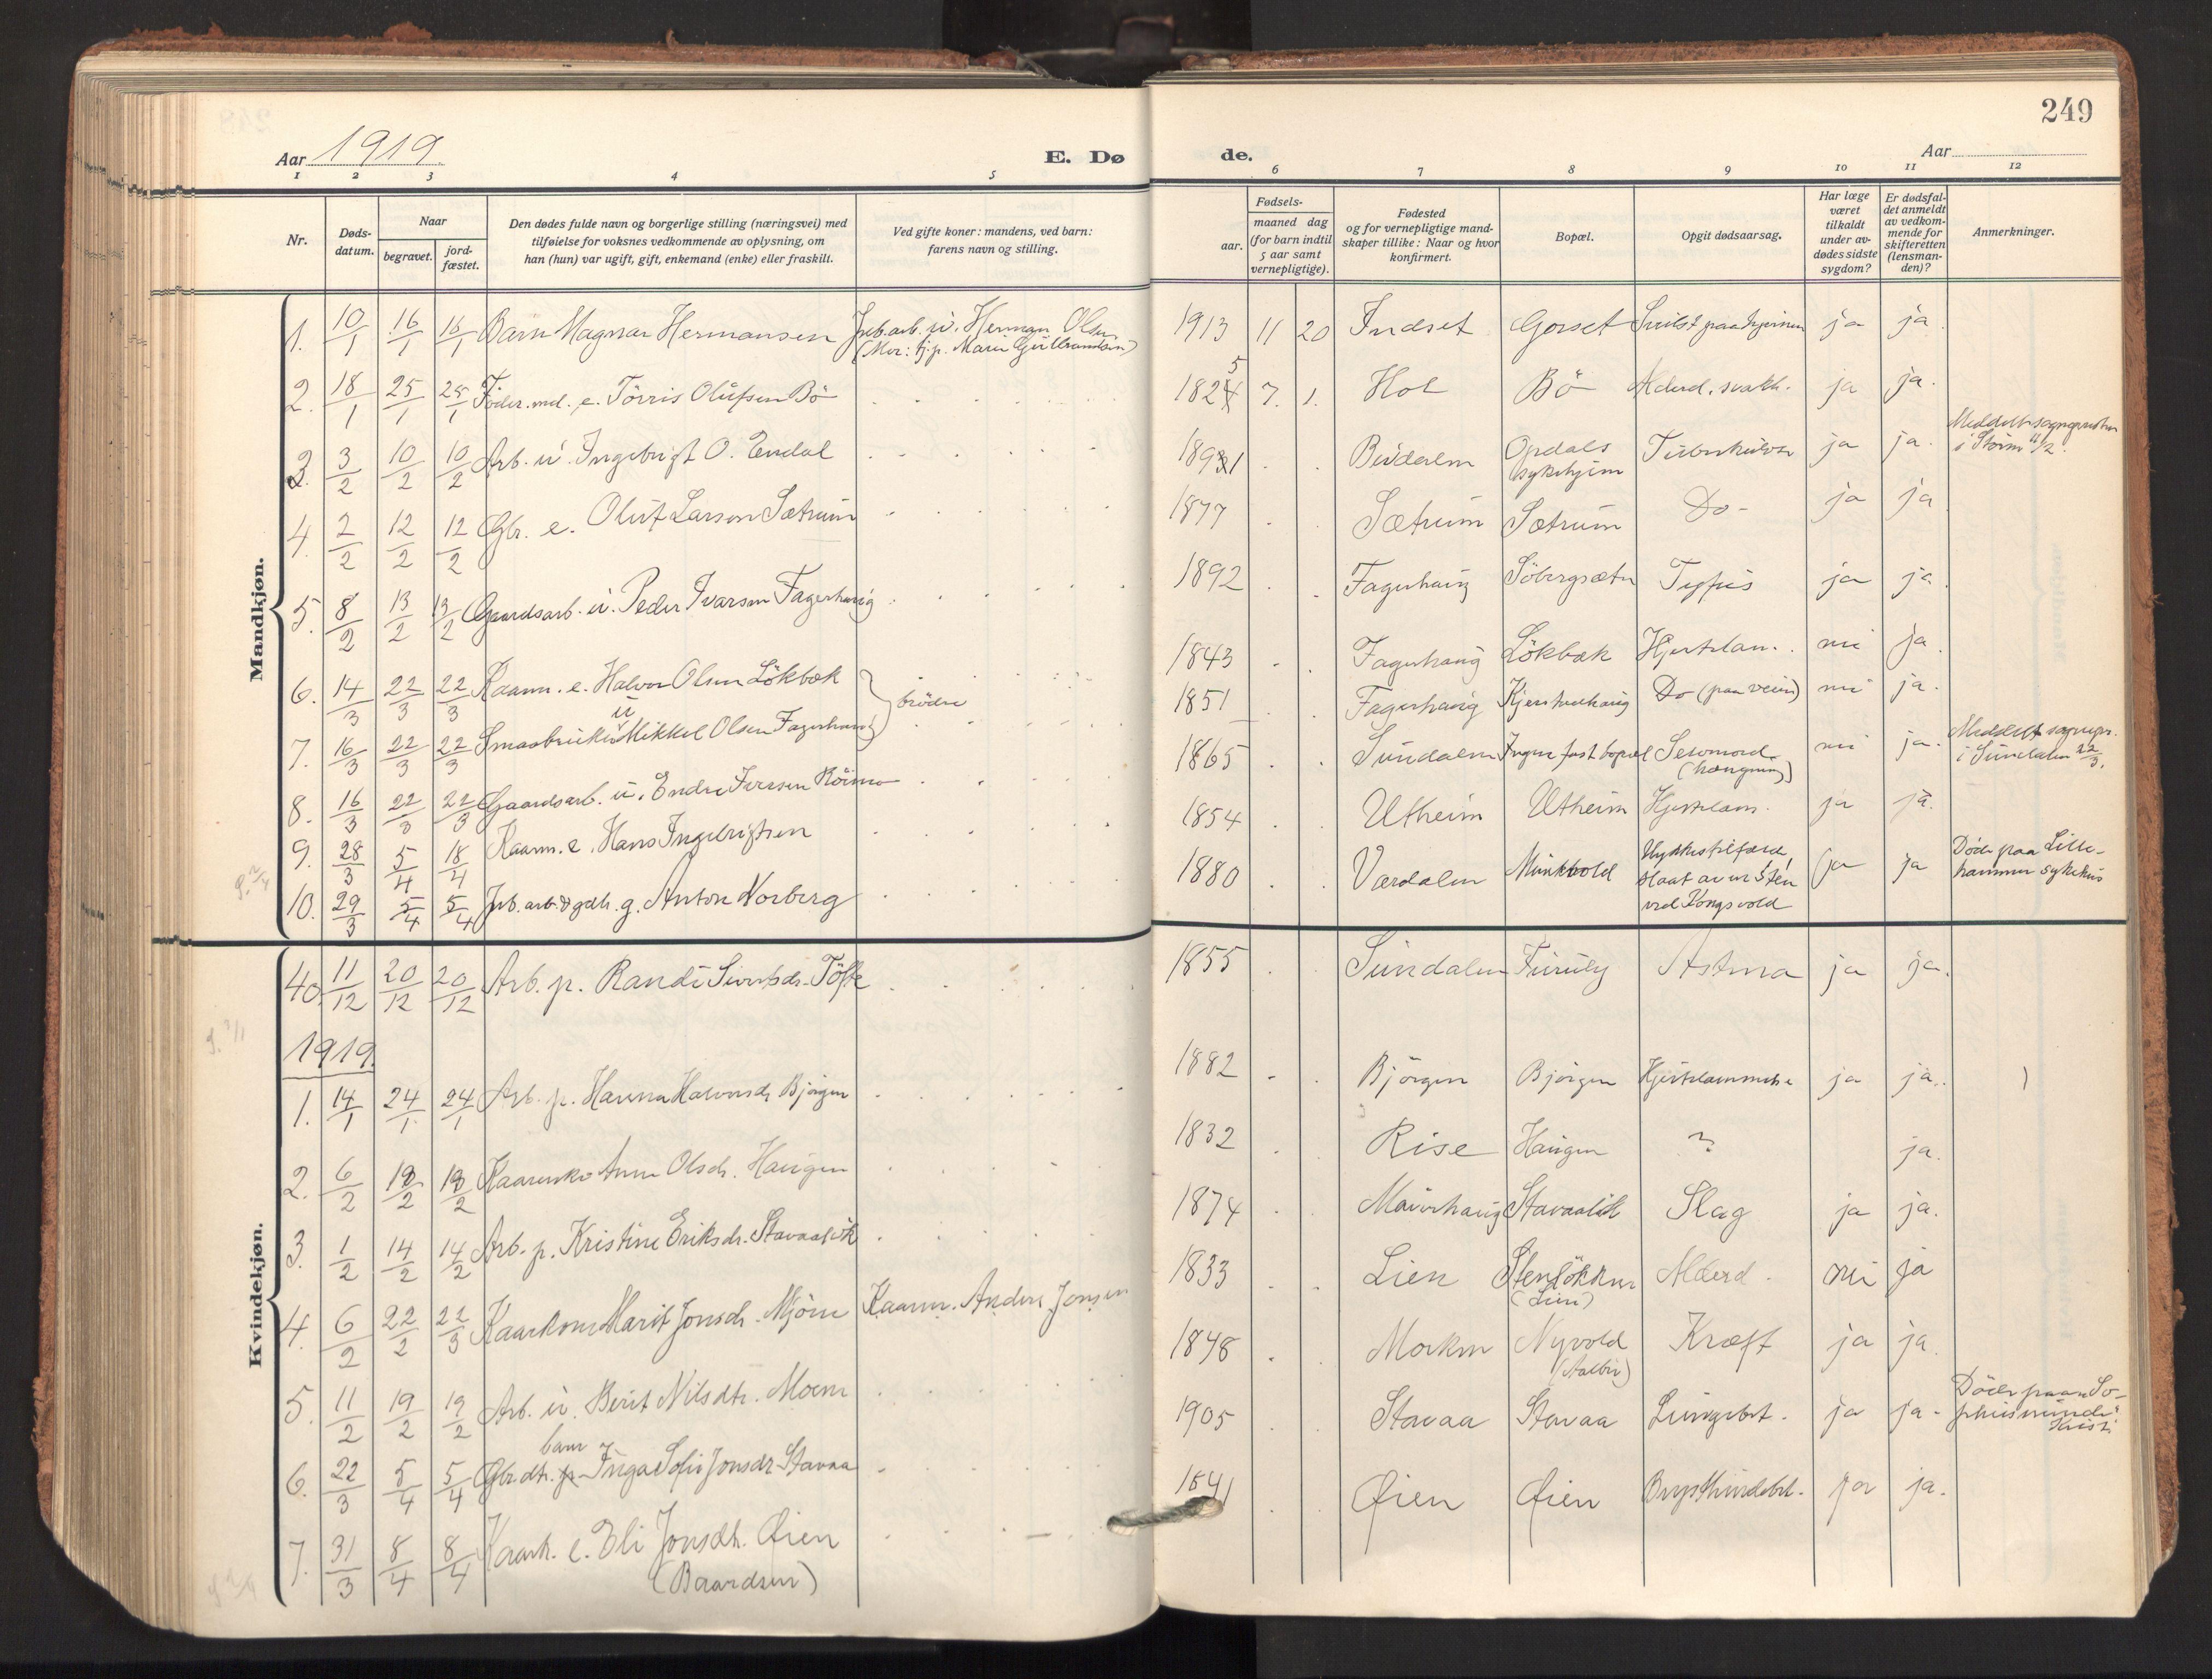 SAT, Ministerialprotokoller, klokkerbøker og fødselsregistre - Sør-Trøndelag, 678/L0909: Ministerialbok nr. 678A17, 1912-1930, s. 249